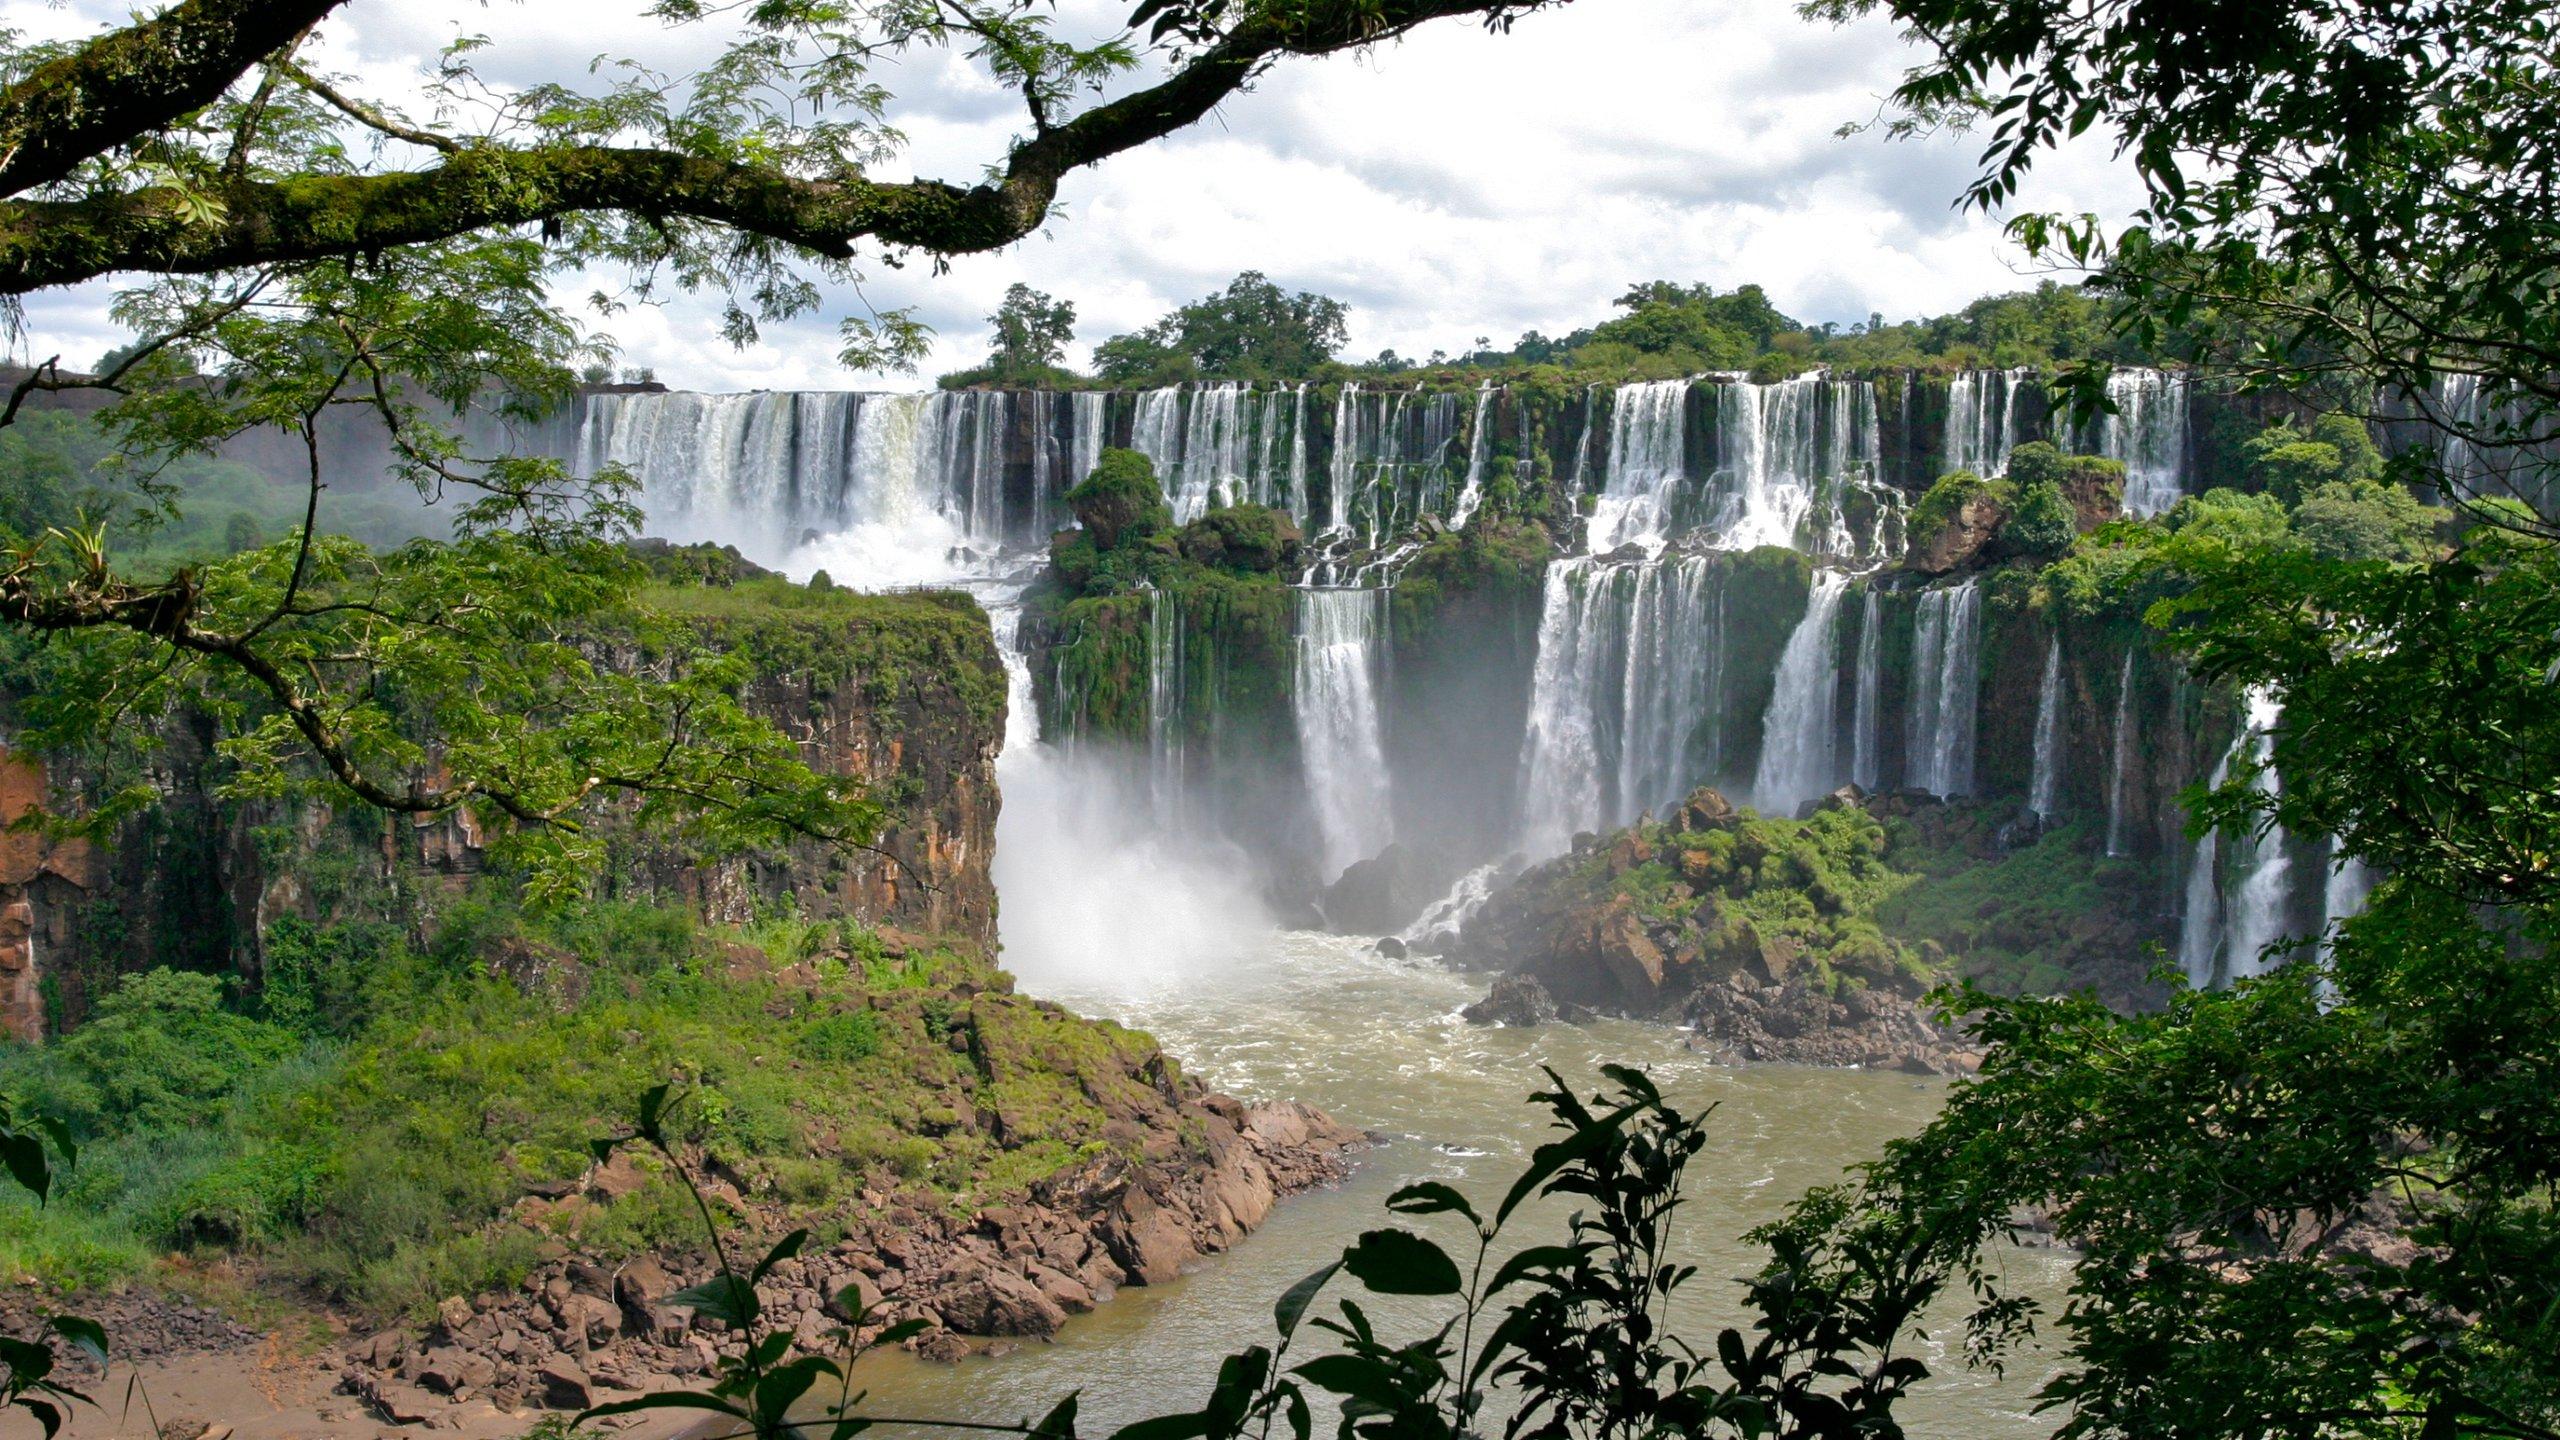 Cataratas del Iguazú caracterizando uma cascata e paisagem